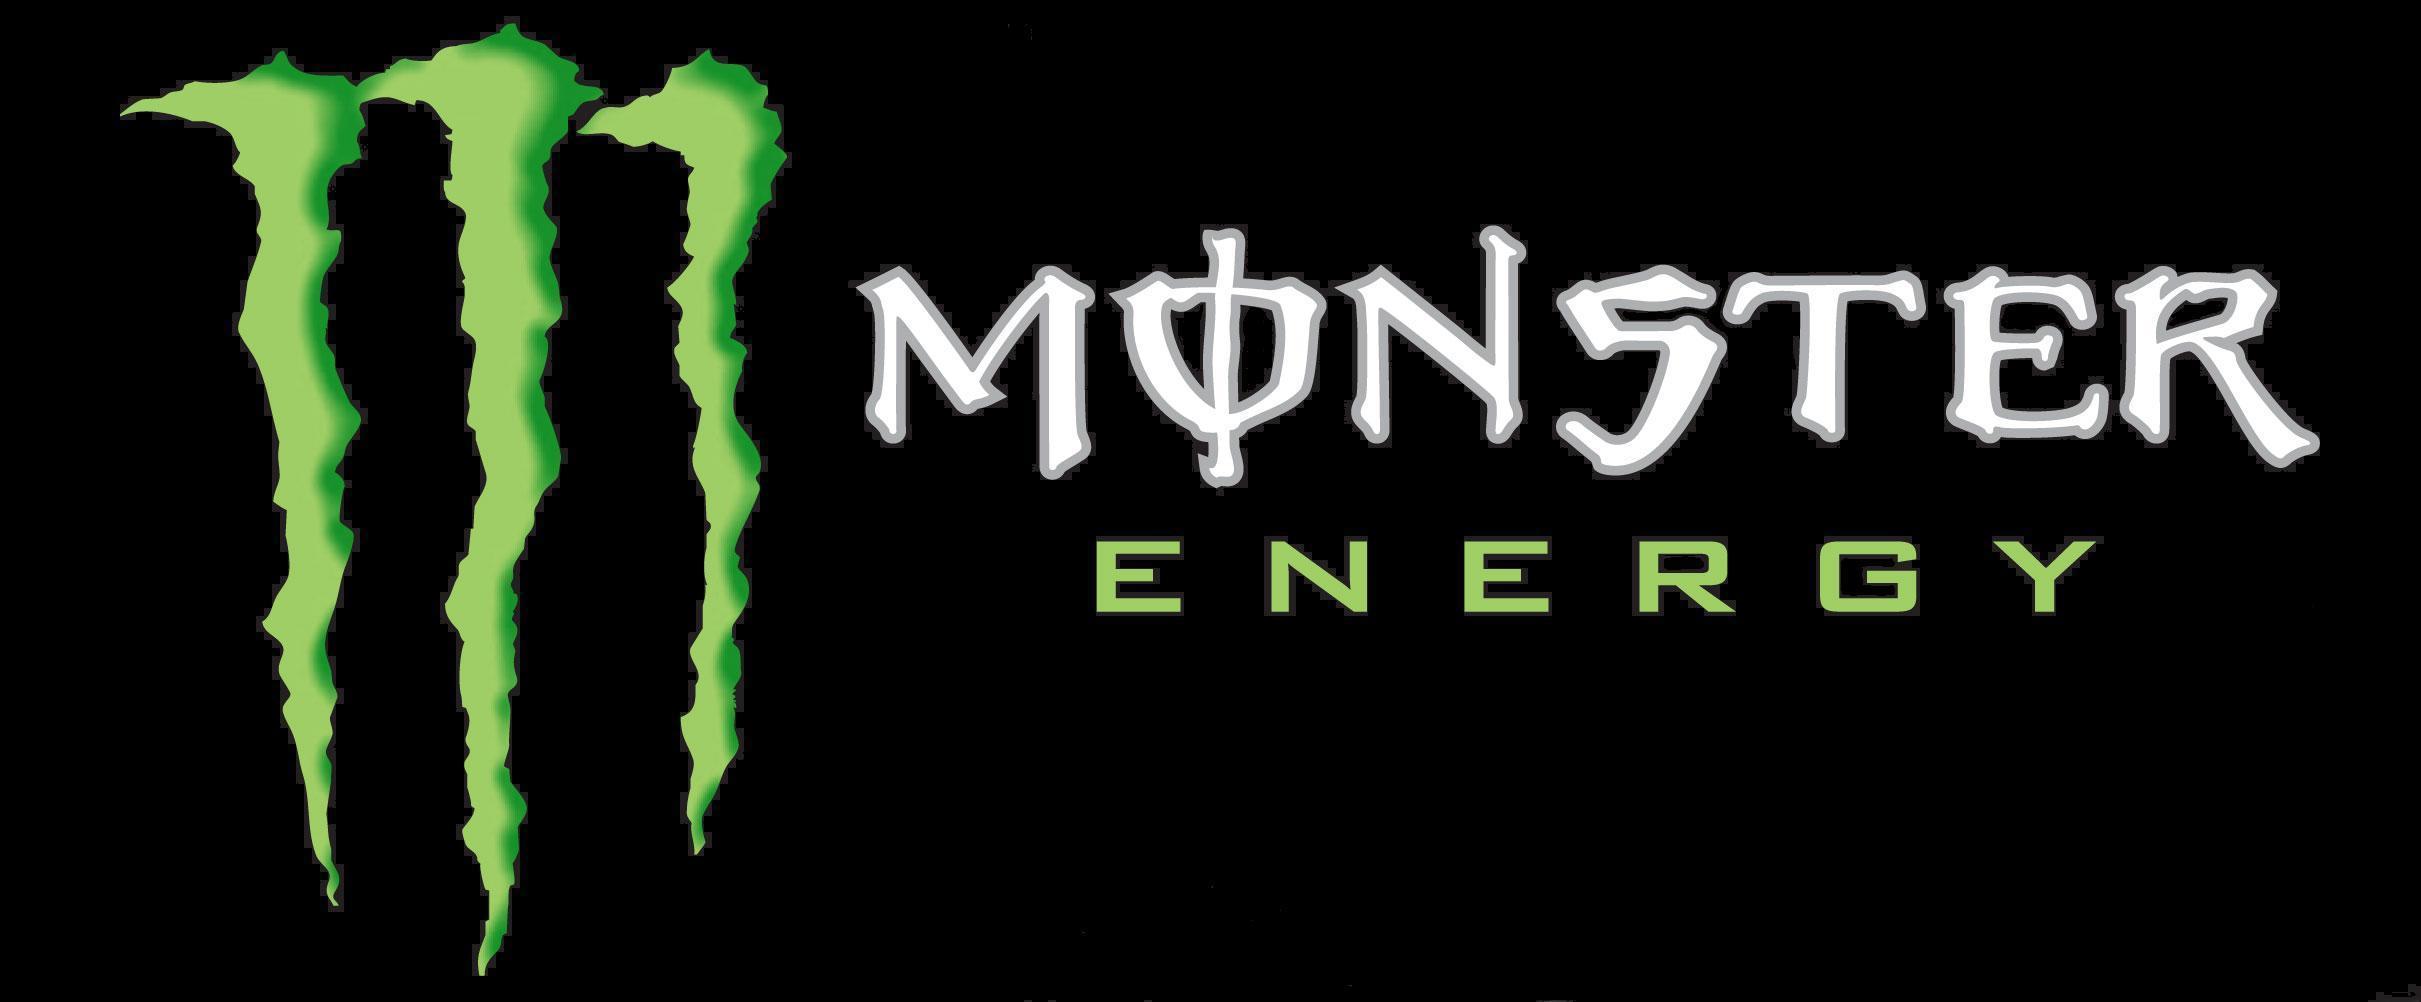 MonsterLogo3.jpg